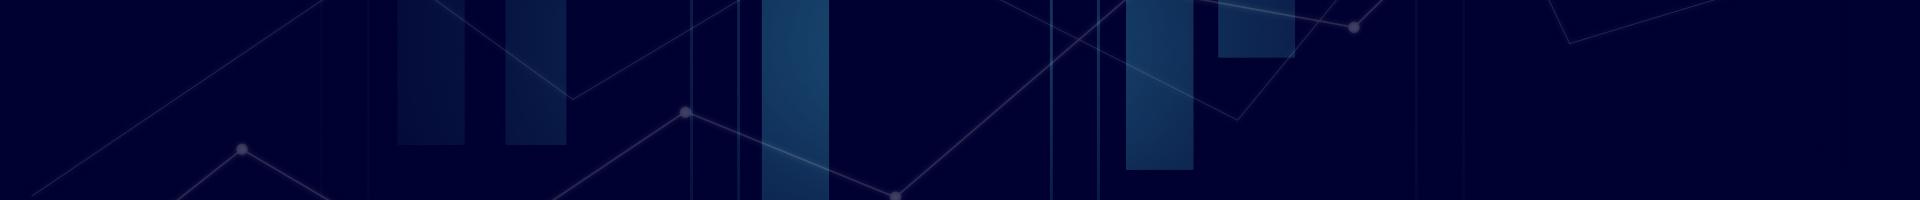 Header-Impacter_ses_métriques_business